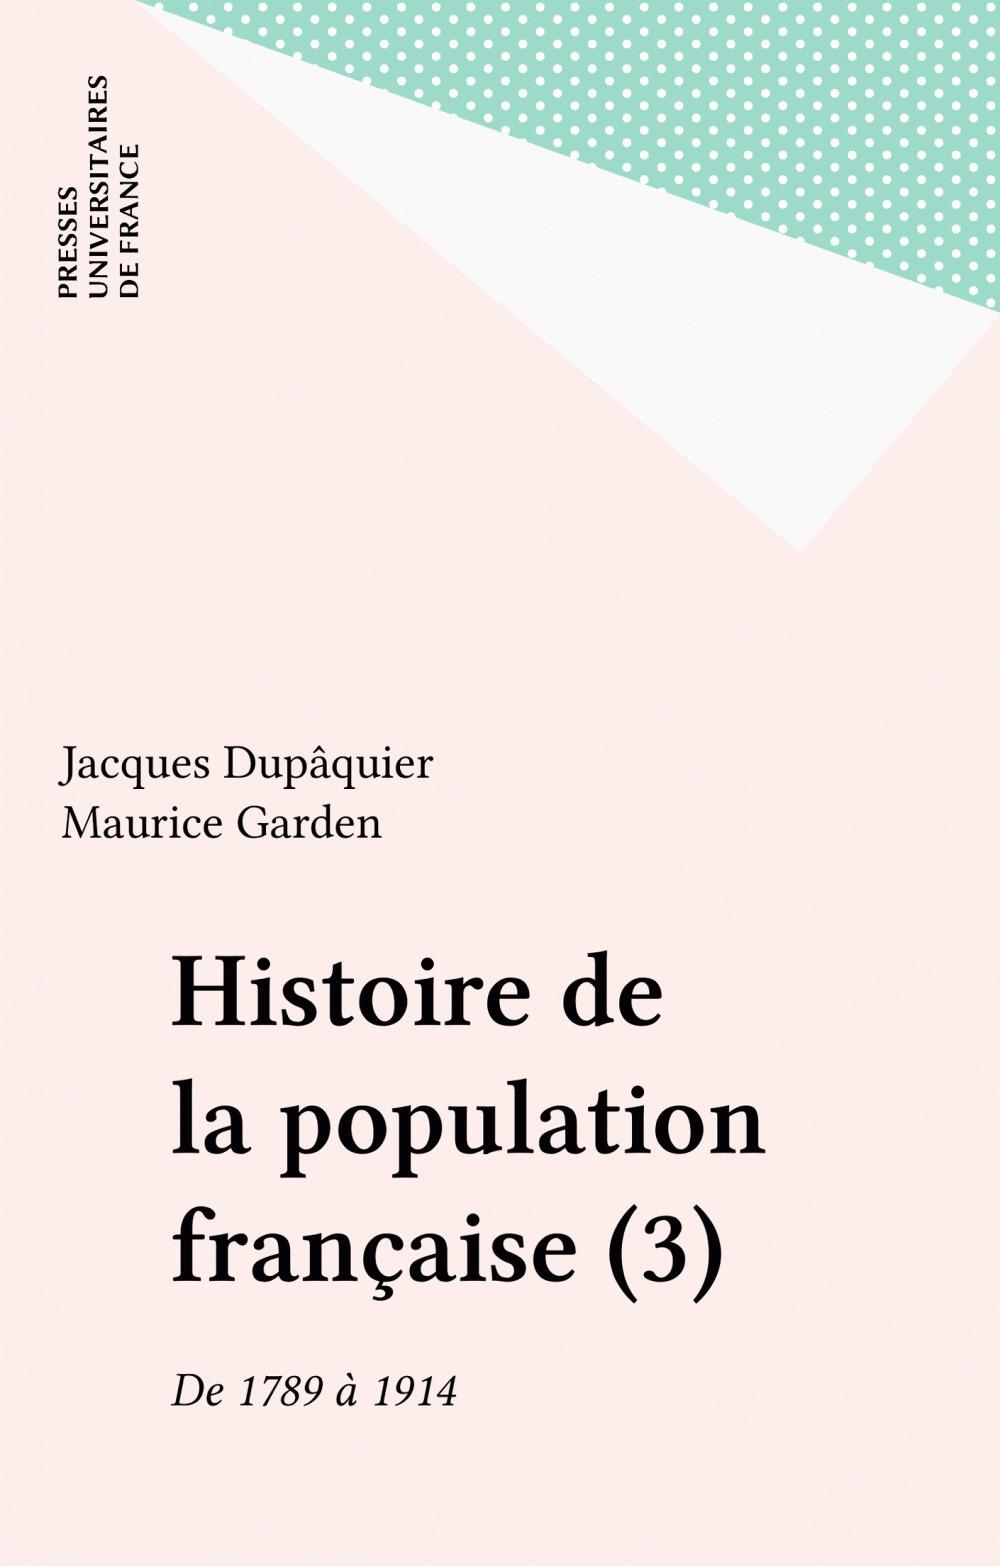 Histoire de la population française (3)